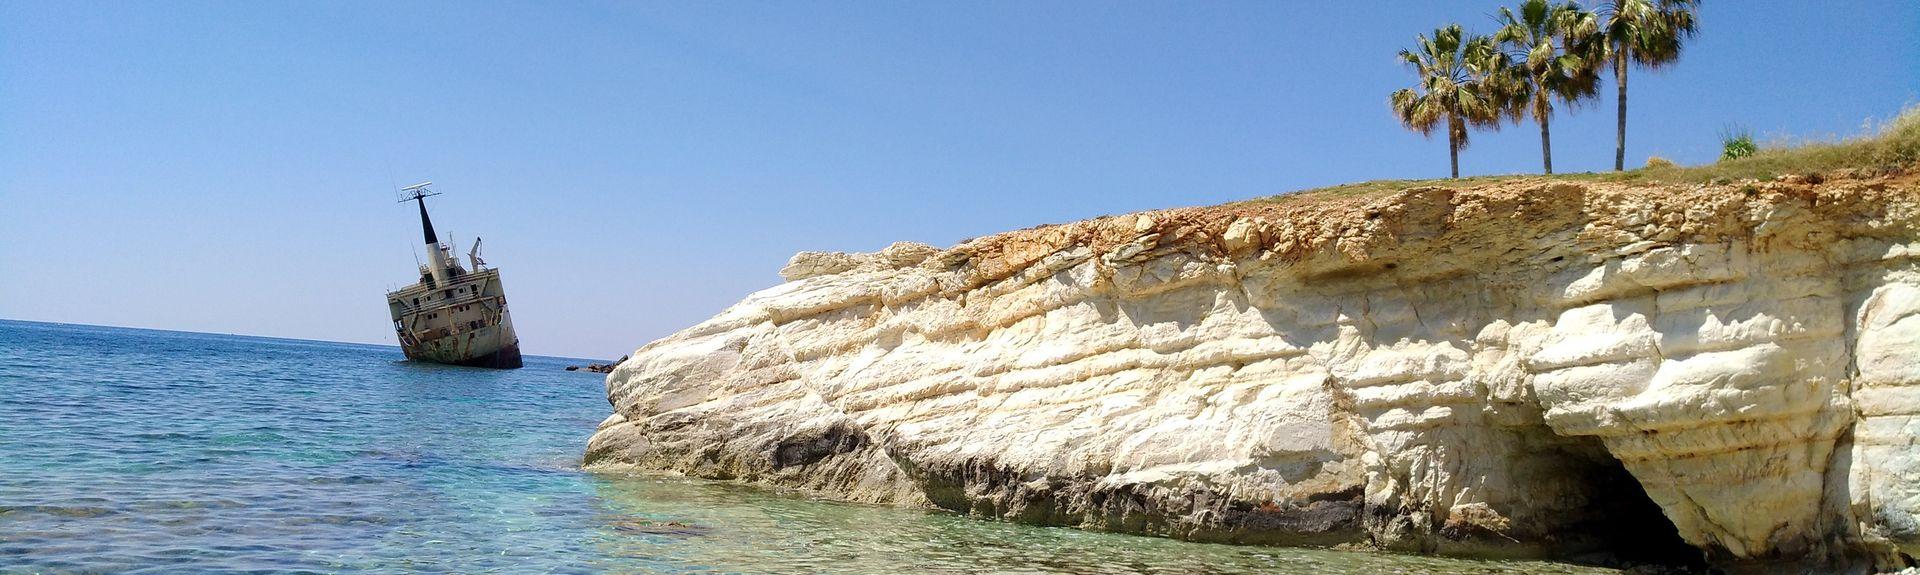 Miliou, Cyprus